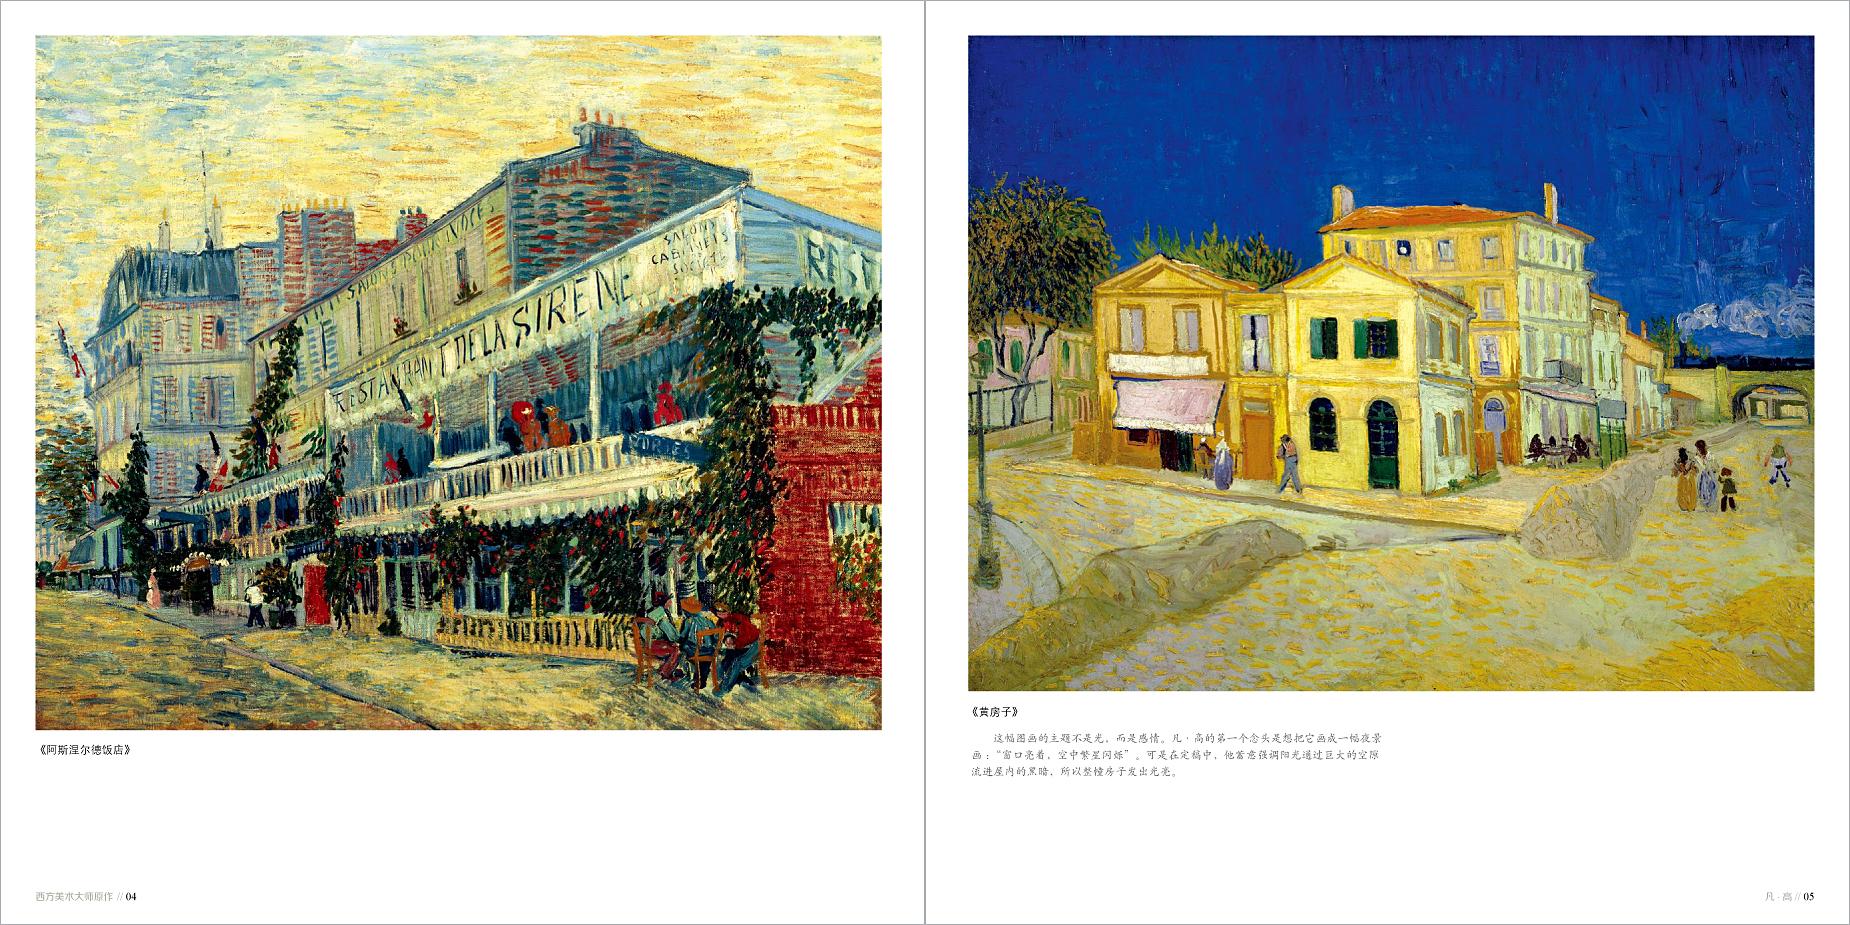 本素描速写临摹素材印象派绘画大师凡高油画人物色彩风景畅销经典书籍